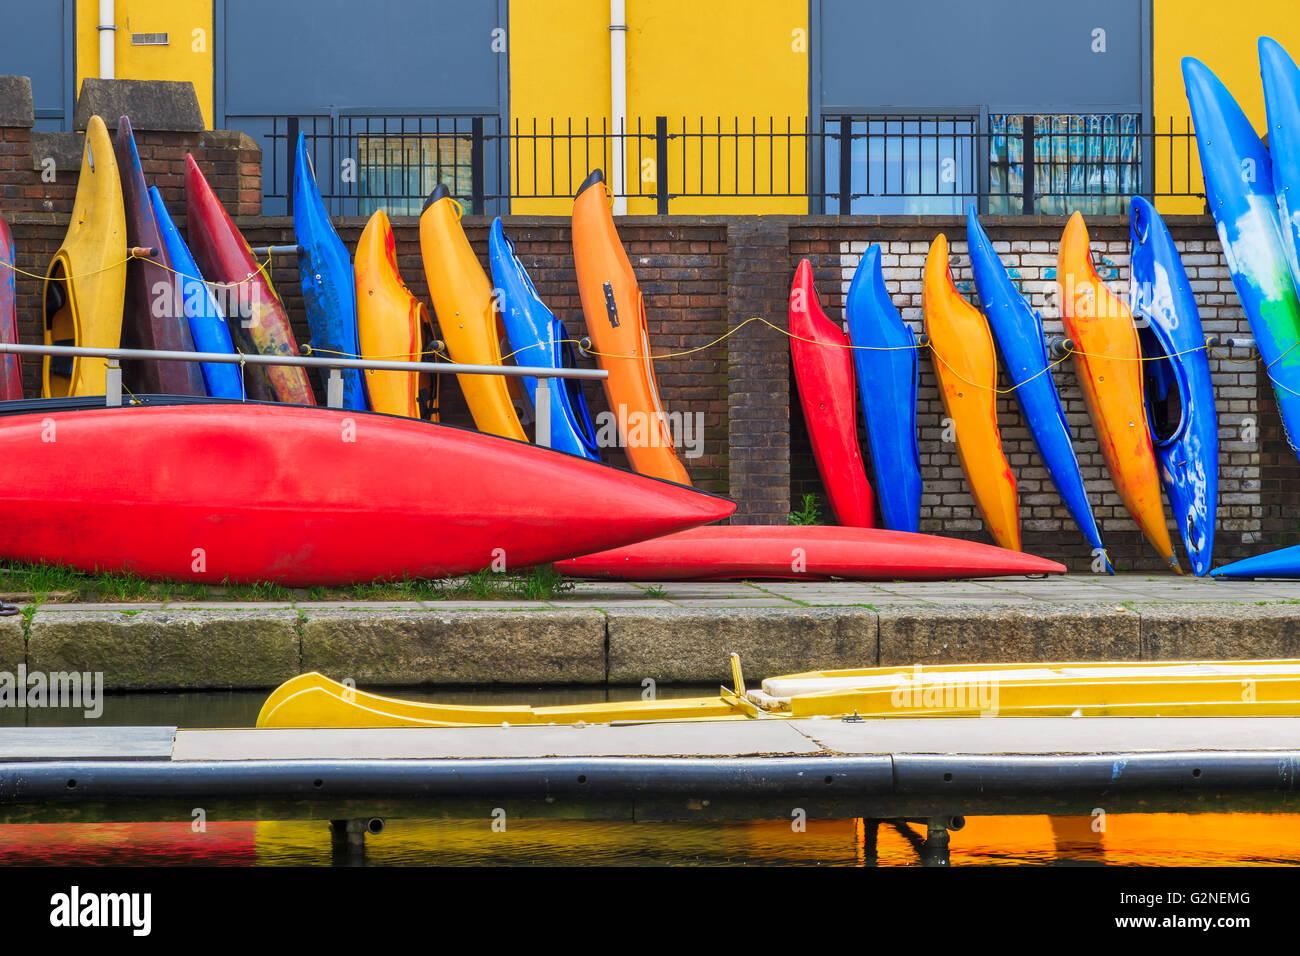 Rangée de kayaks colorés appuyé contre un mur de briques sur le Regent's Canal à Londres Photo Stock